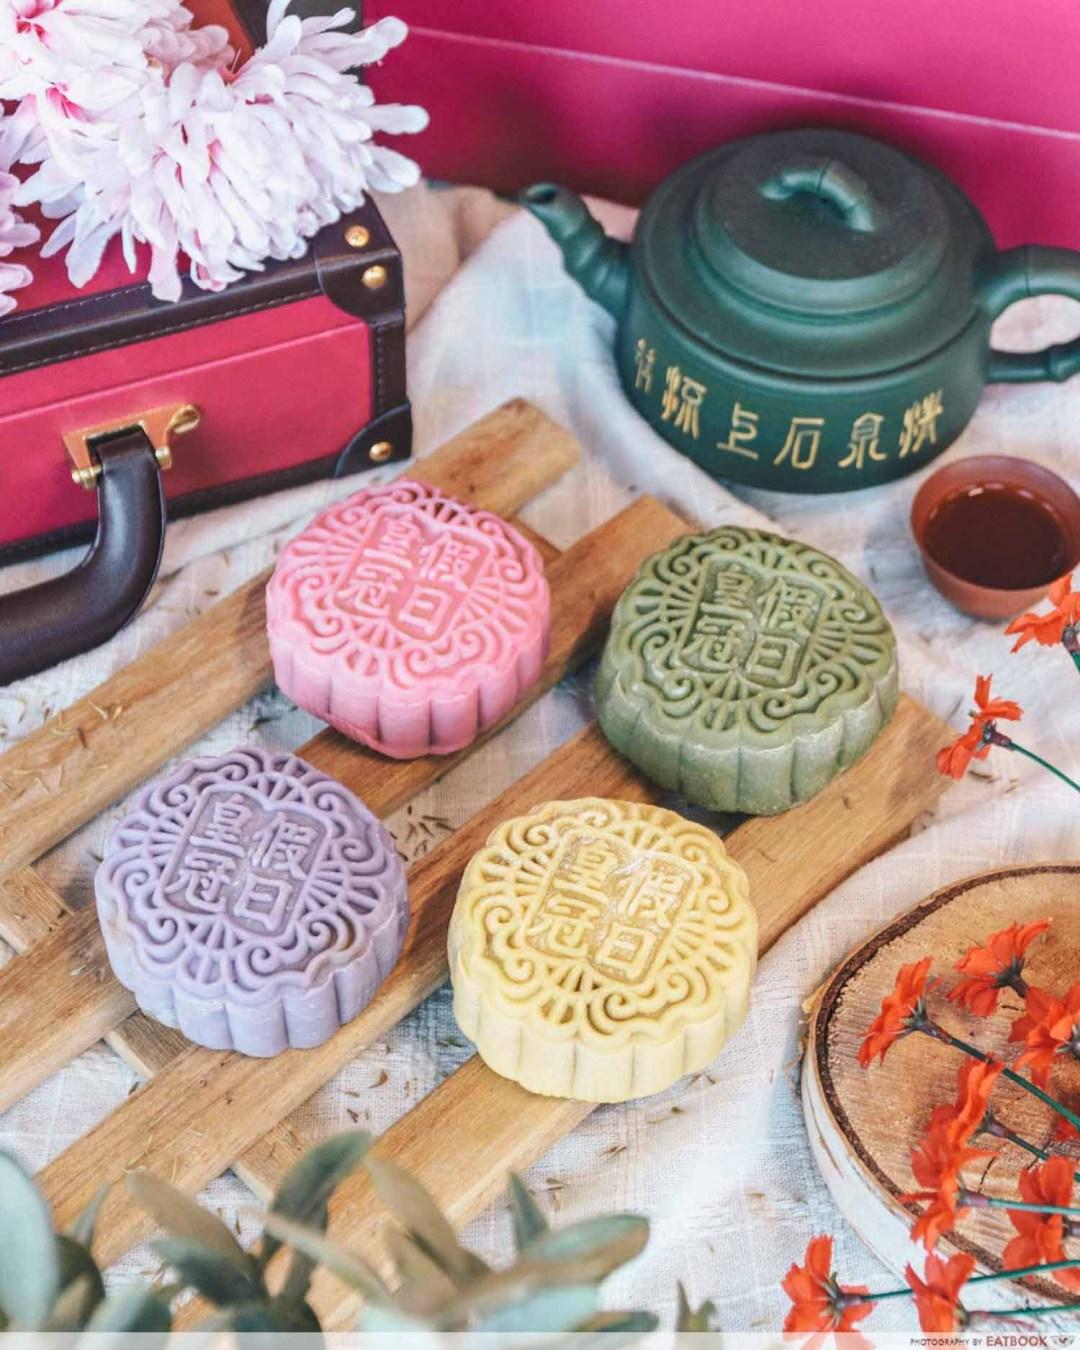 Mooncakes - Tea-infused